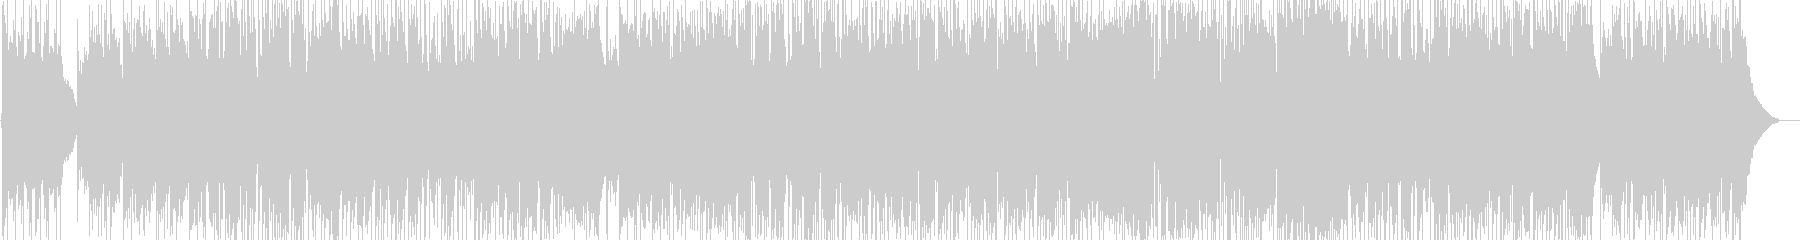 対話をテーマに作曲しました。ハープとギ…の未再生の波形